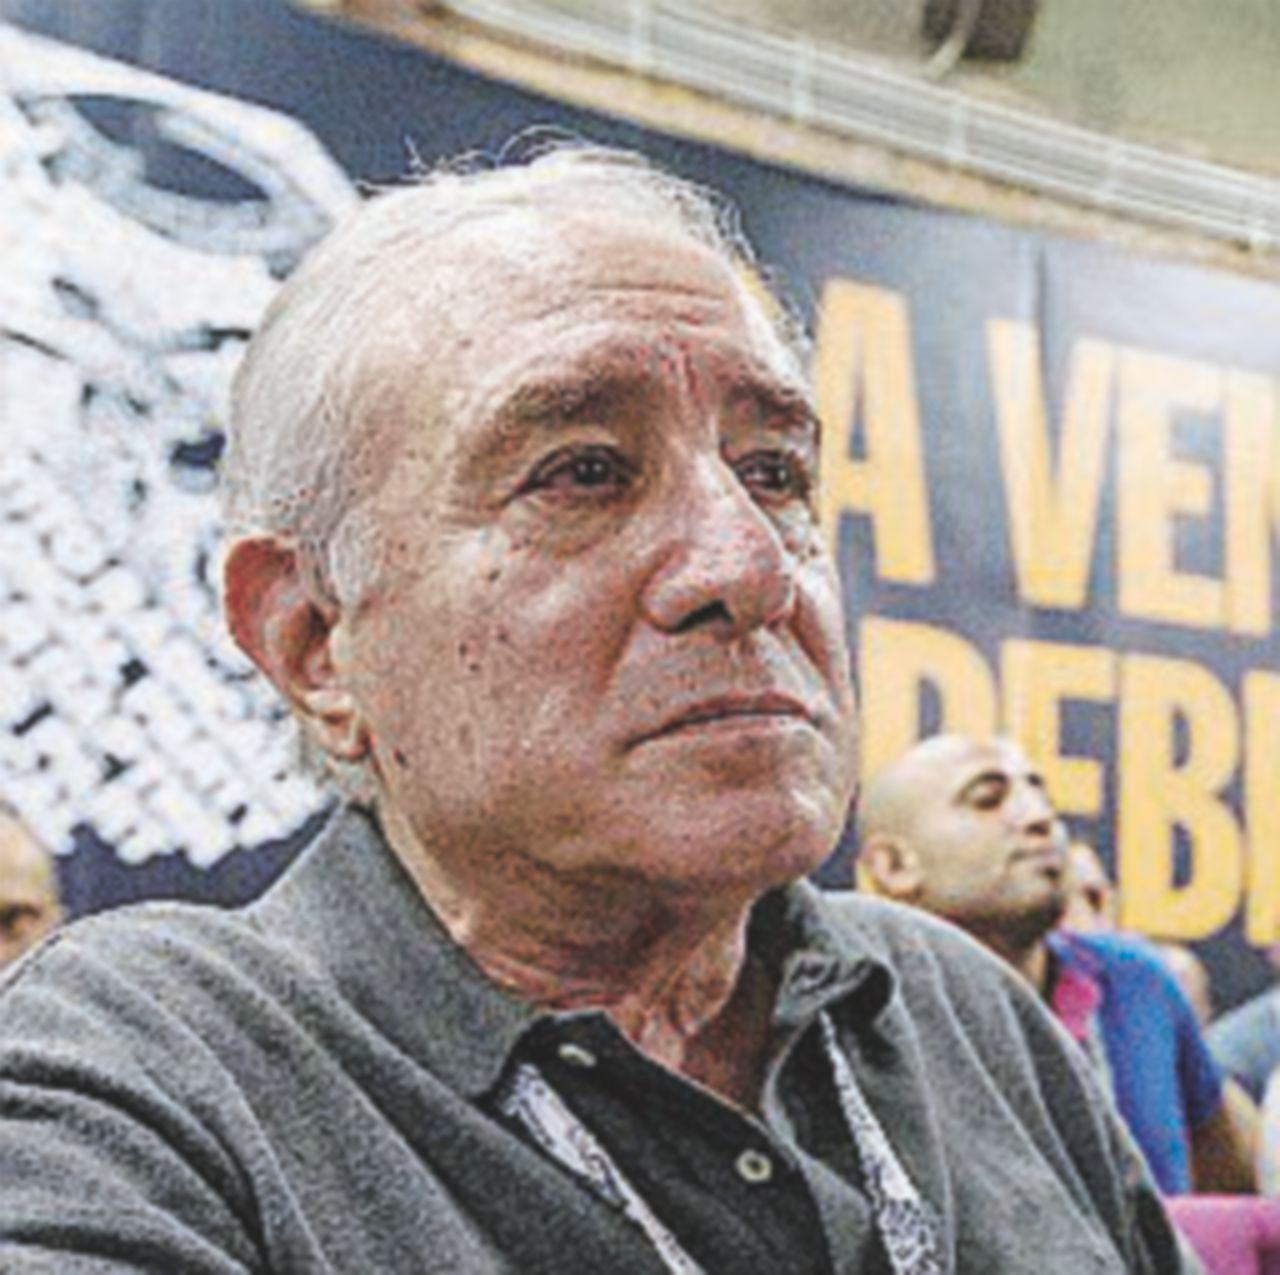 Caso Matacena, Dell'Utri rischia di tornare sotto indagine